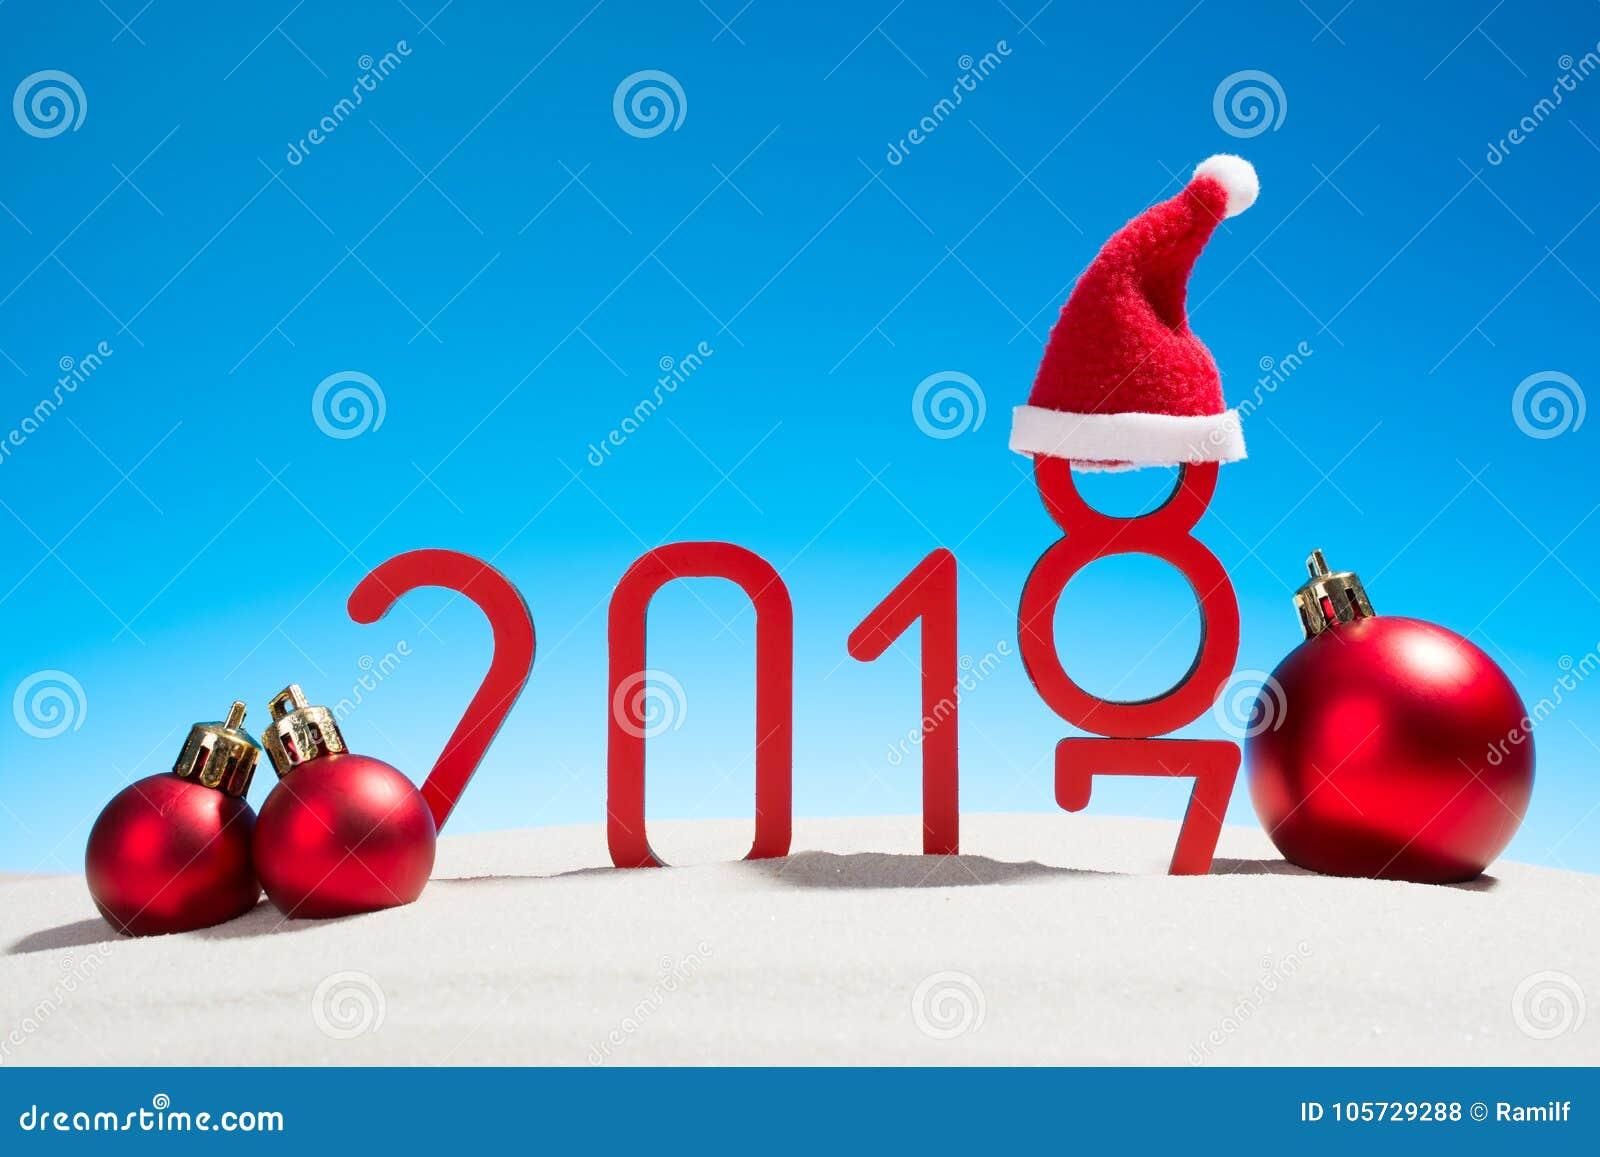 Festliga nya år begrepp med jul klumpa ihop sig på en solig tropisk strand med det ändrande datumet 2017 - 2018 i röd och kopieri